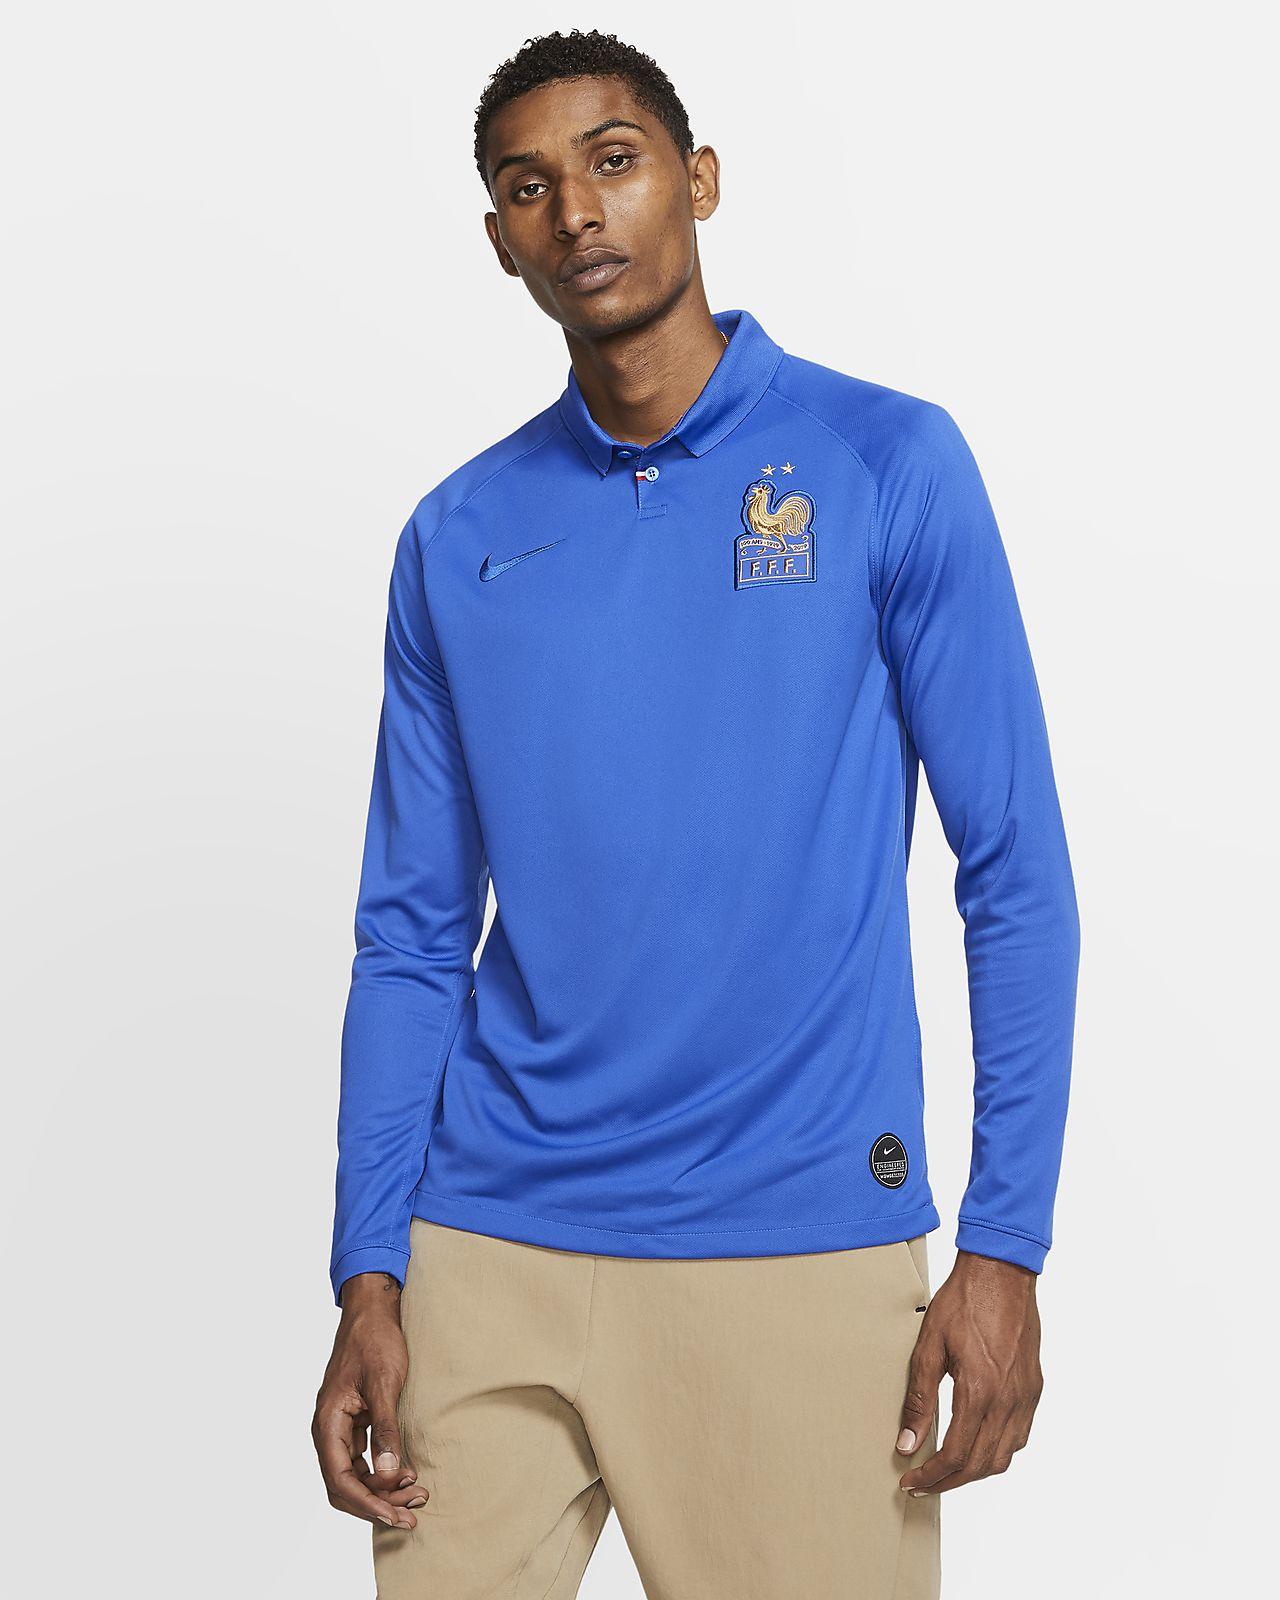 FFF Stadium Centennial Men's Long-Sleeve Shirt